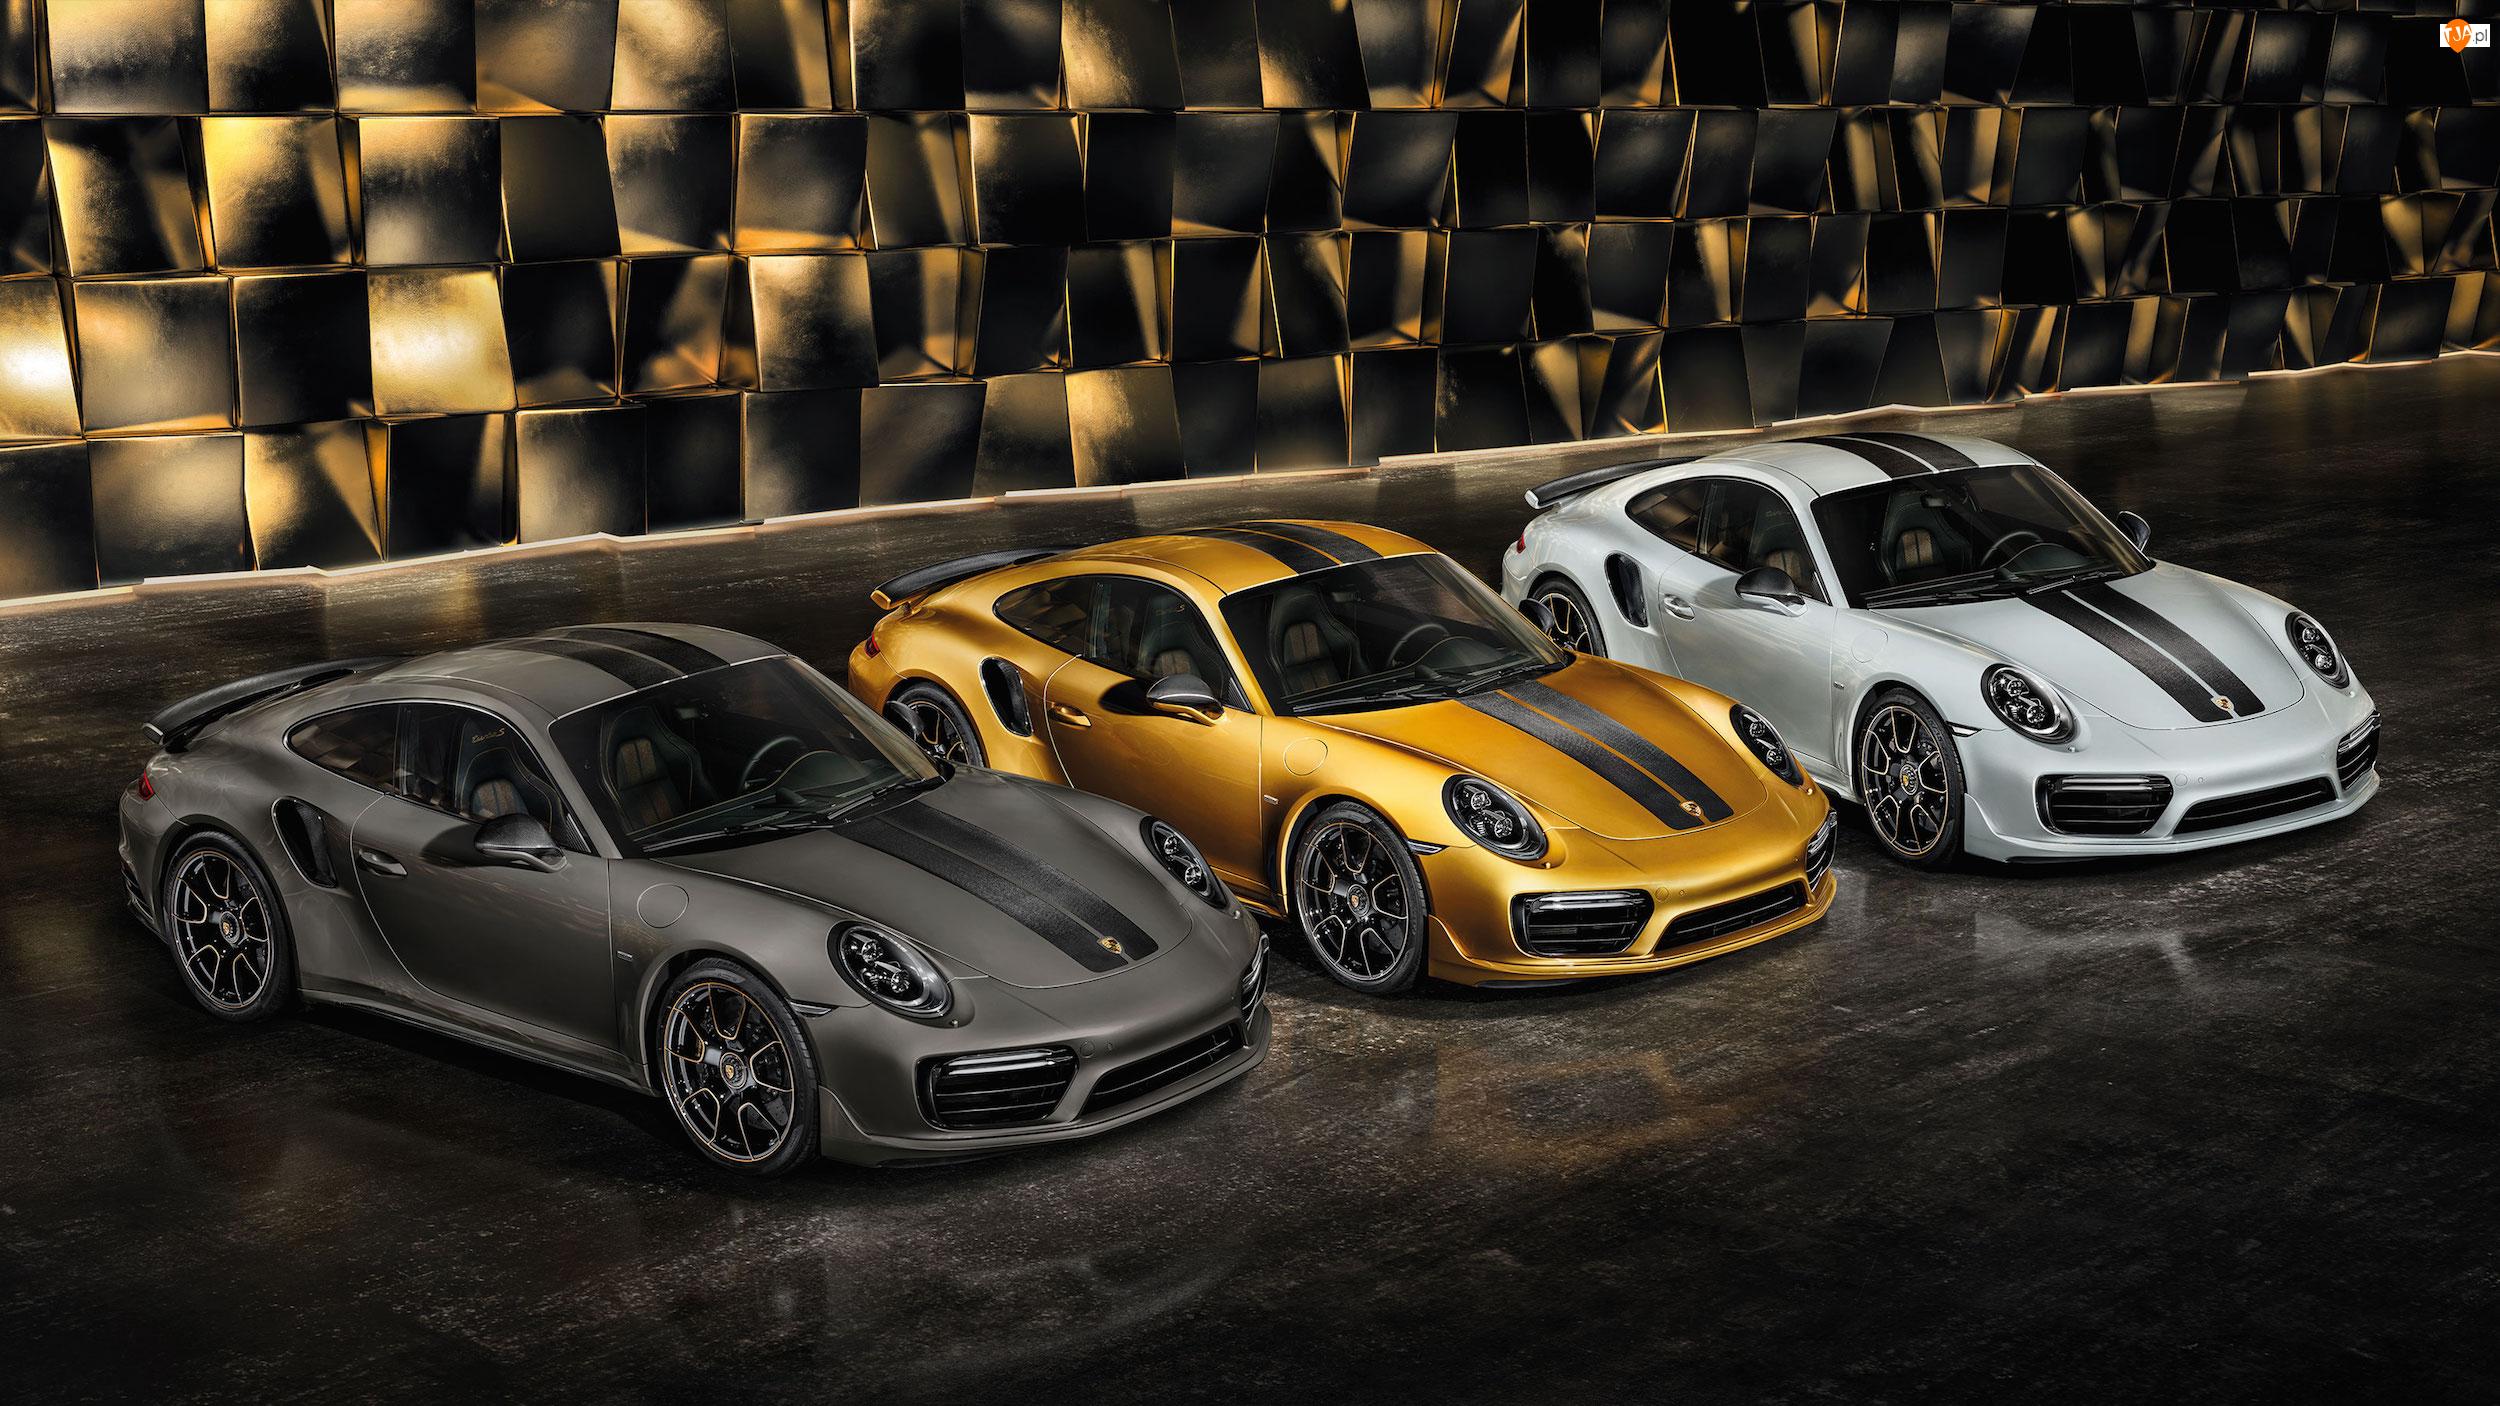 Czarny, Biały, Porsche 911 Turbo S Exclusive, Trzy, Złoty